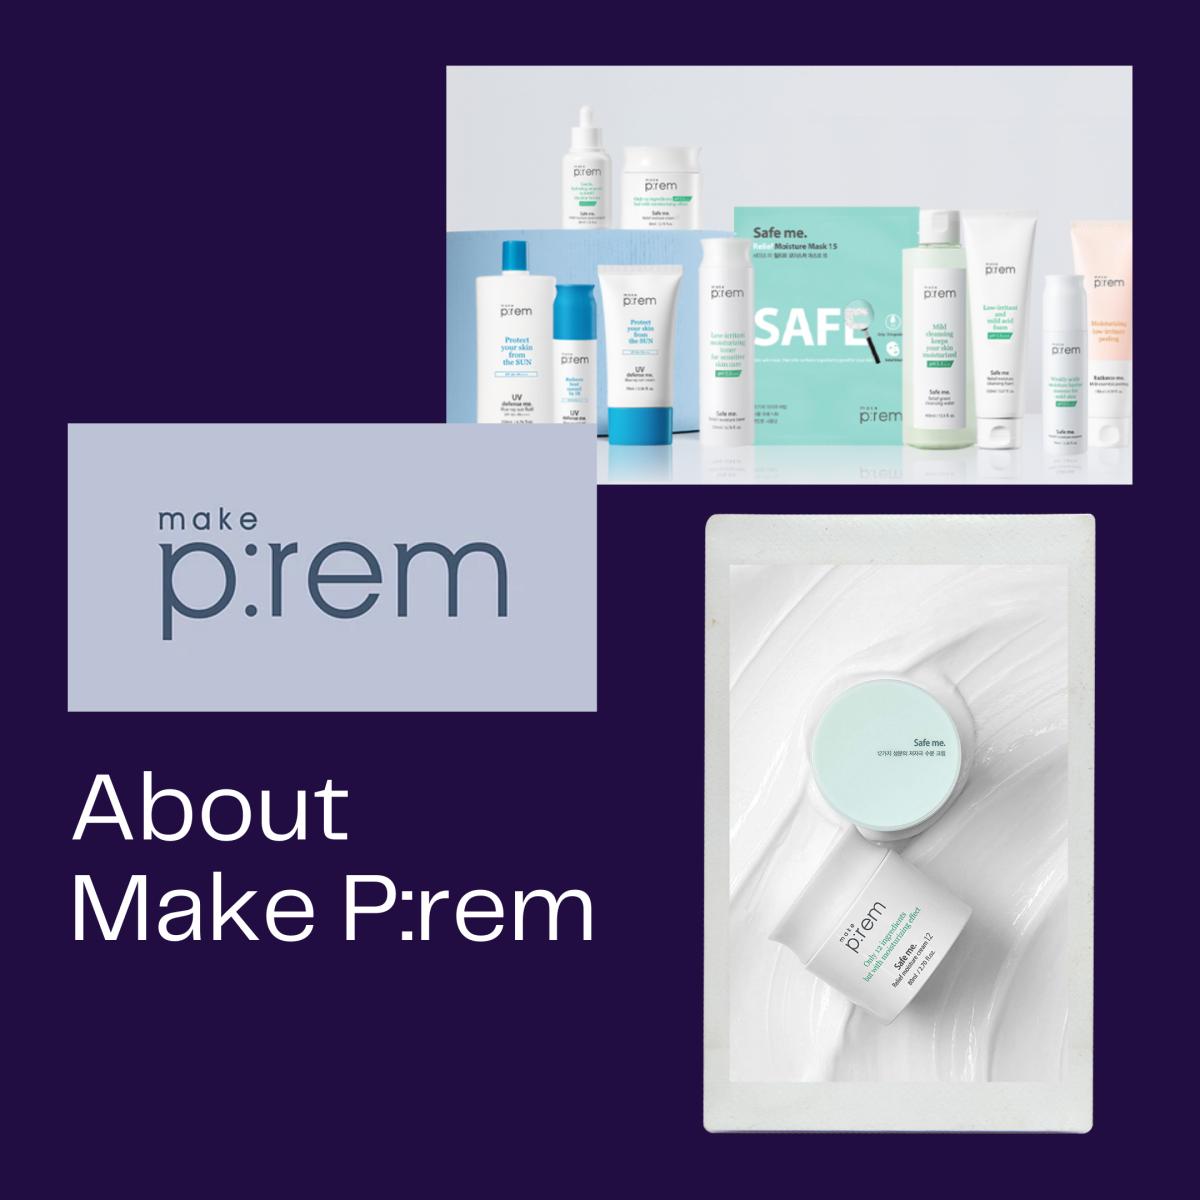 make-prem-safe-me-relief-moisture-cream-review